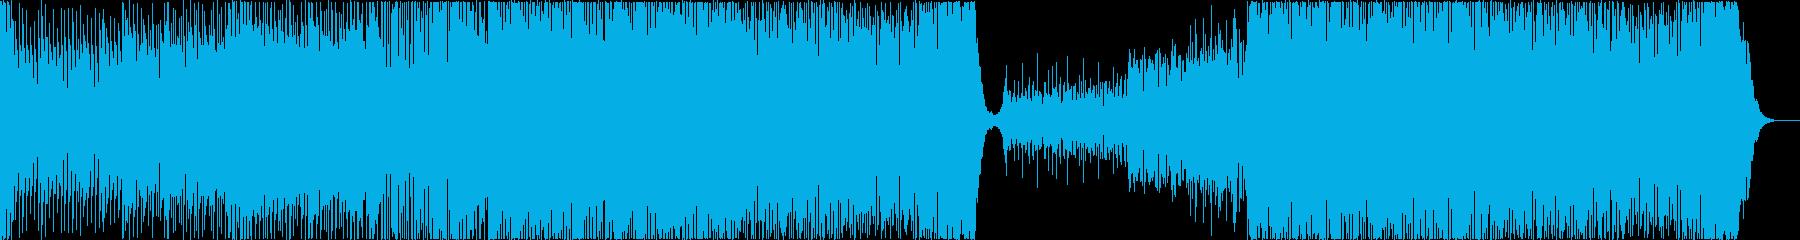 EDM ラテン 太陽 日焼け 疾走感の再生済みの波形